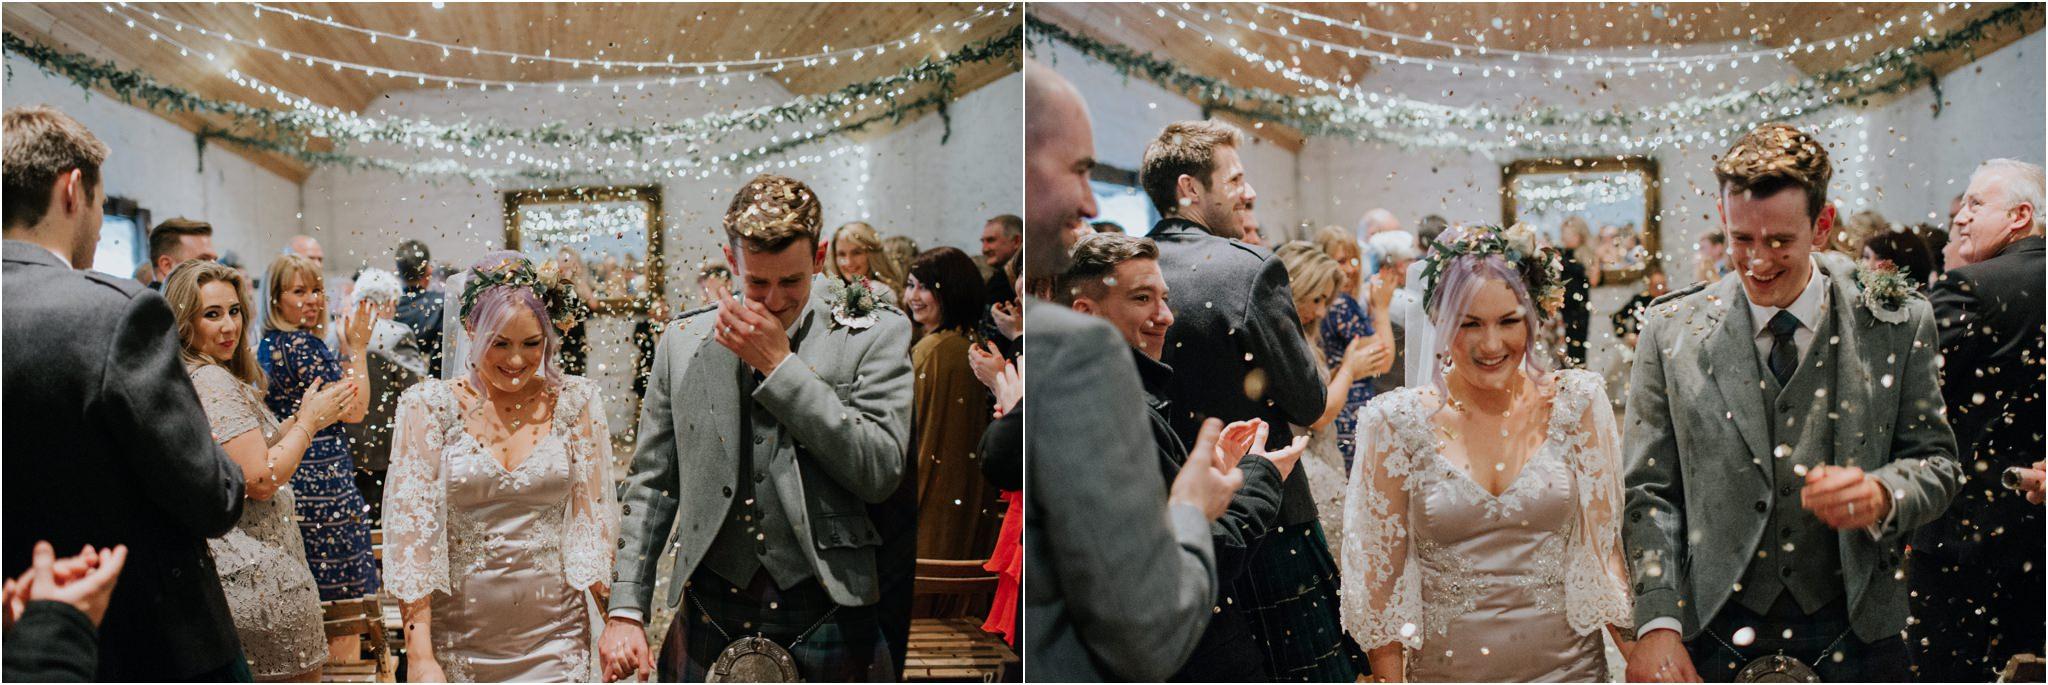 Photography 78 - Glasgow Wedding Photographer - Pete & Eilidh - Dalduff Farm_0046.jpg